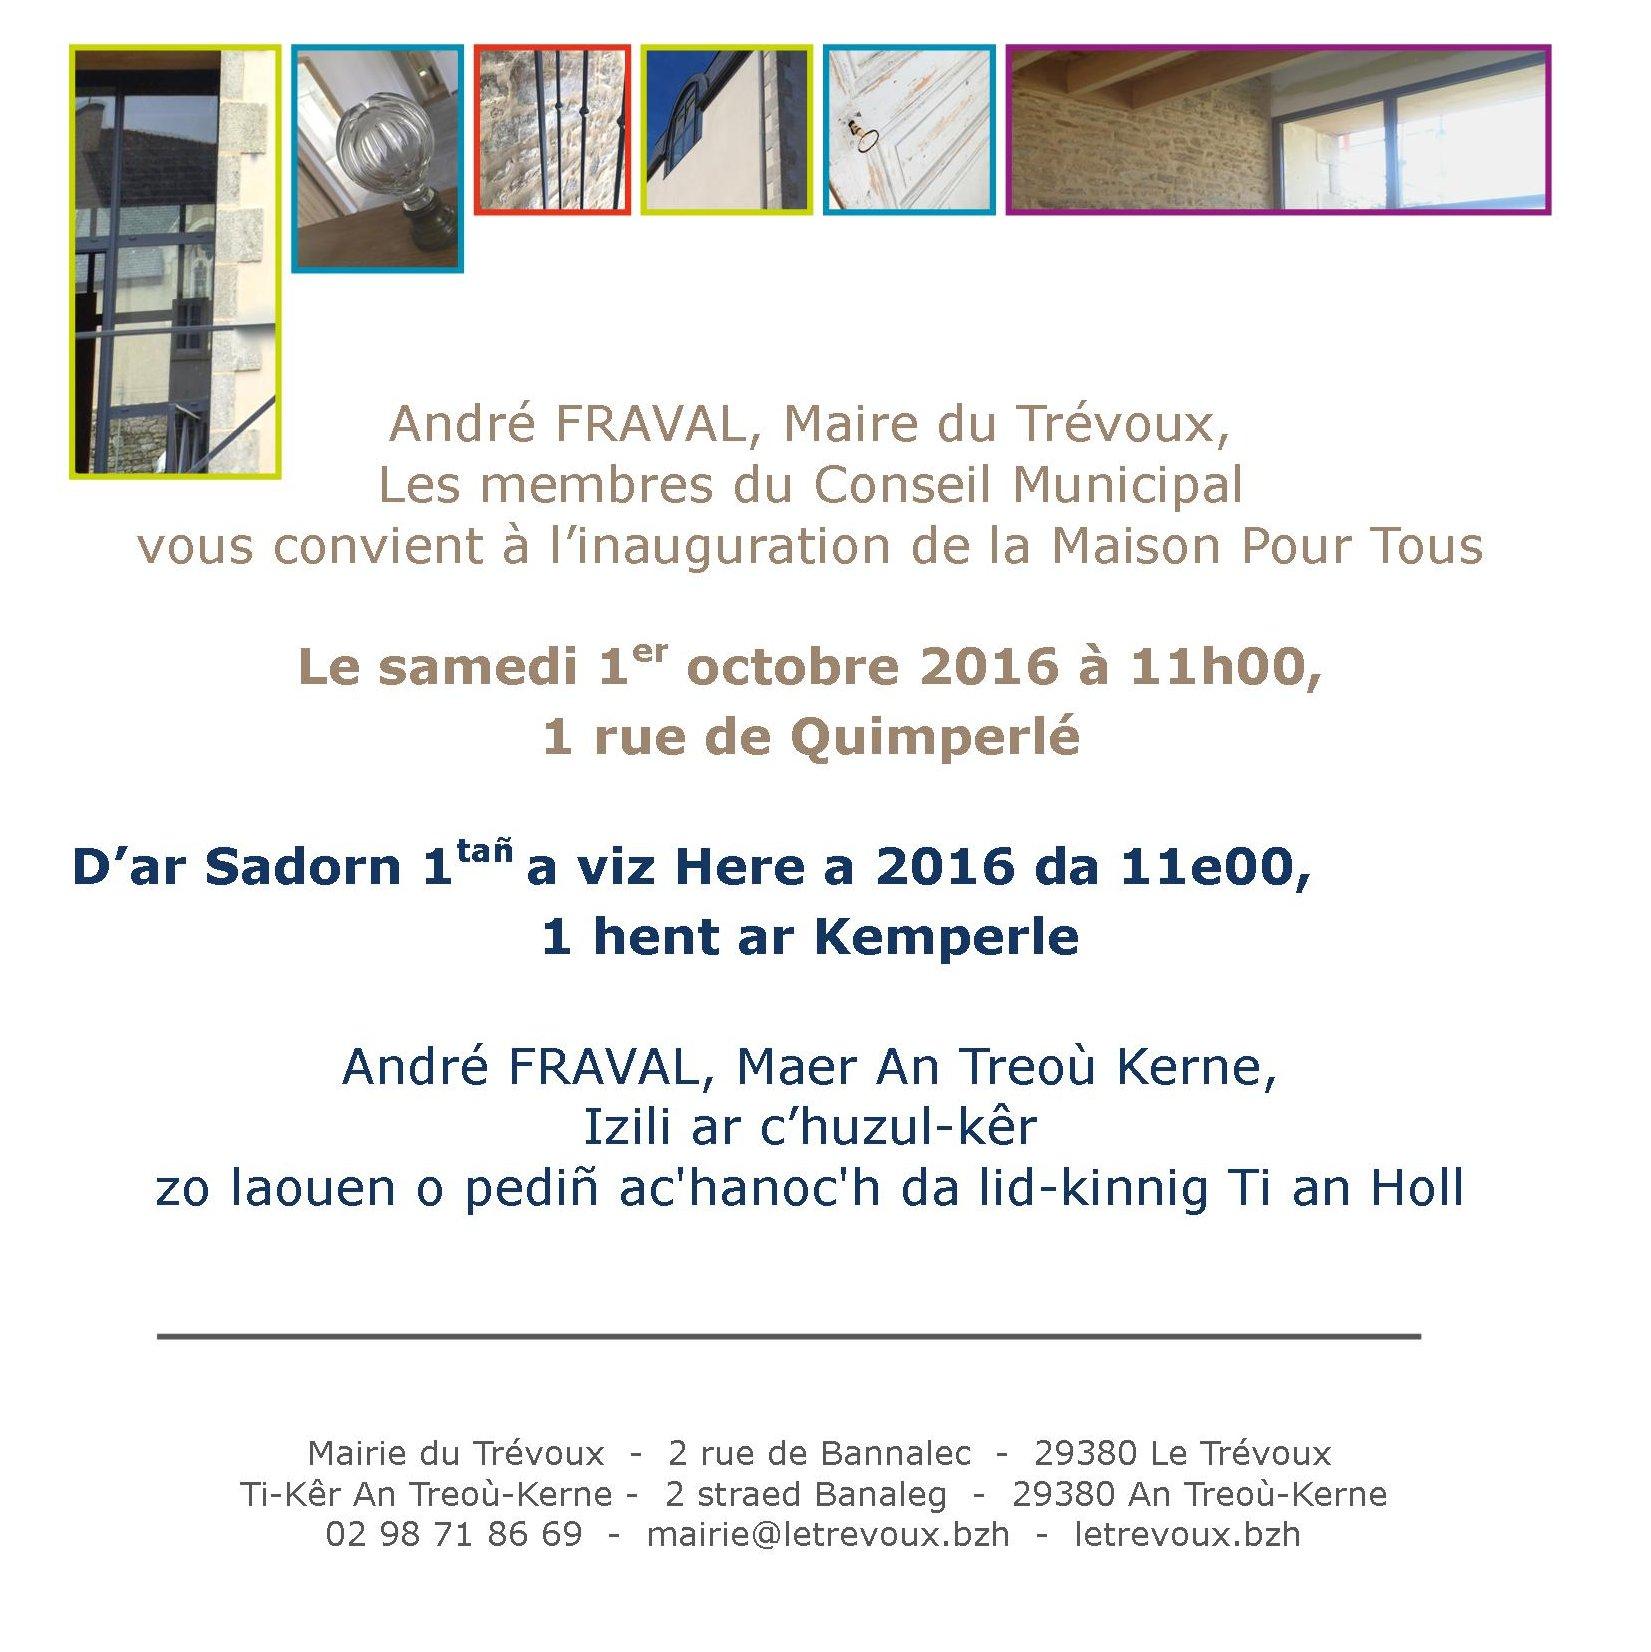 Copie De Invitation Inauguration Mpt2 Mairie Le Trevoux